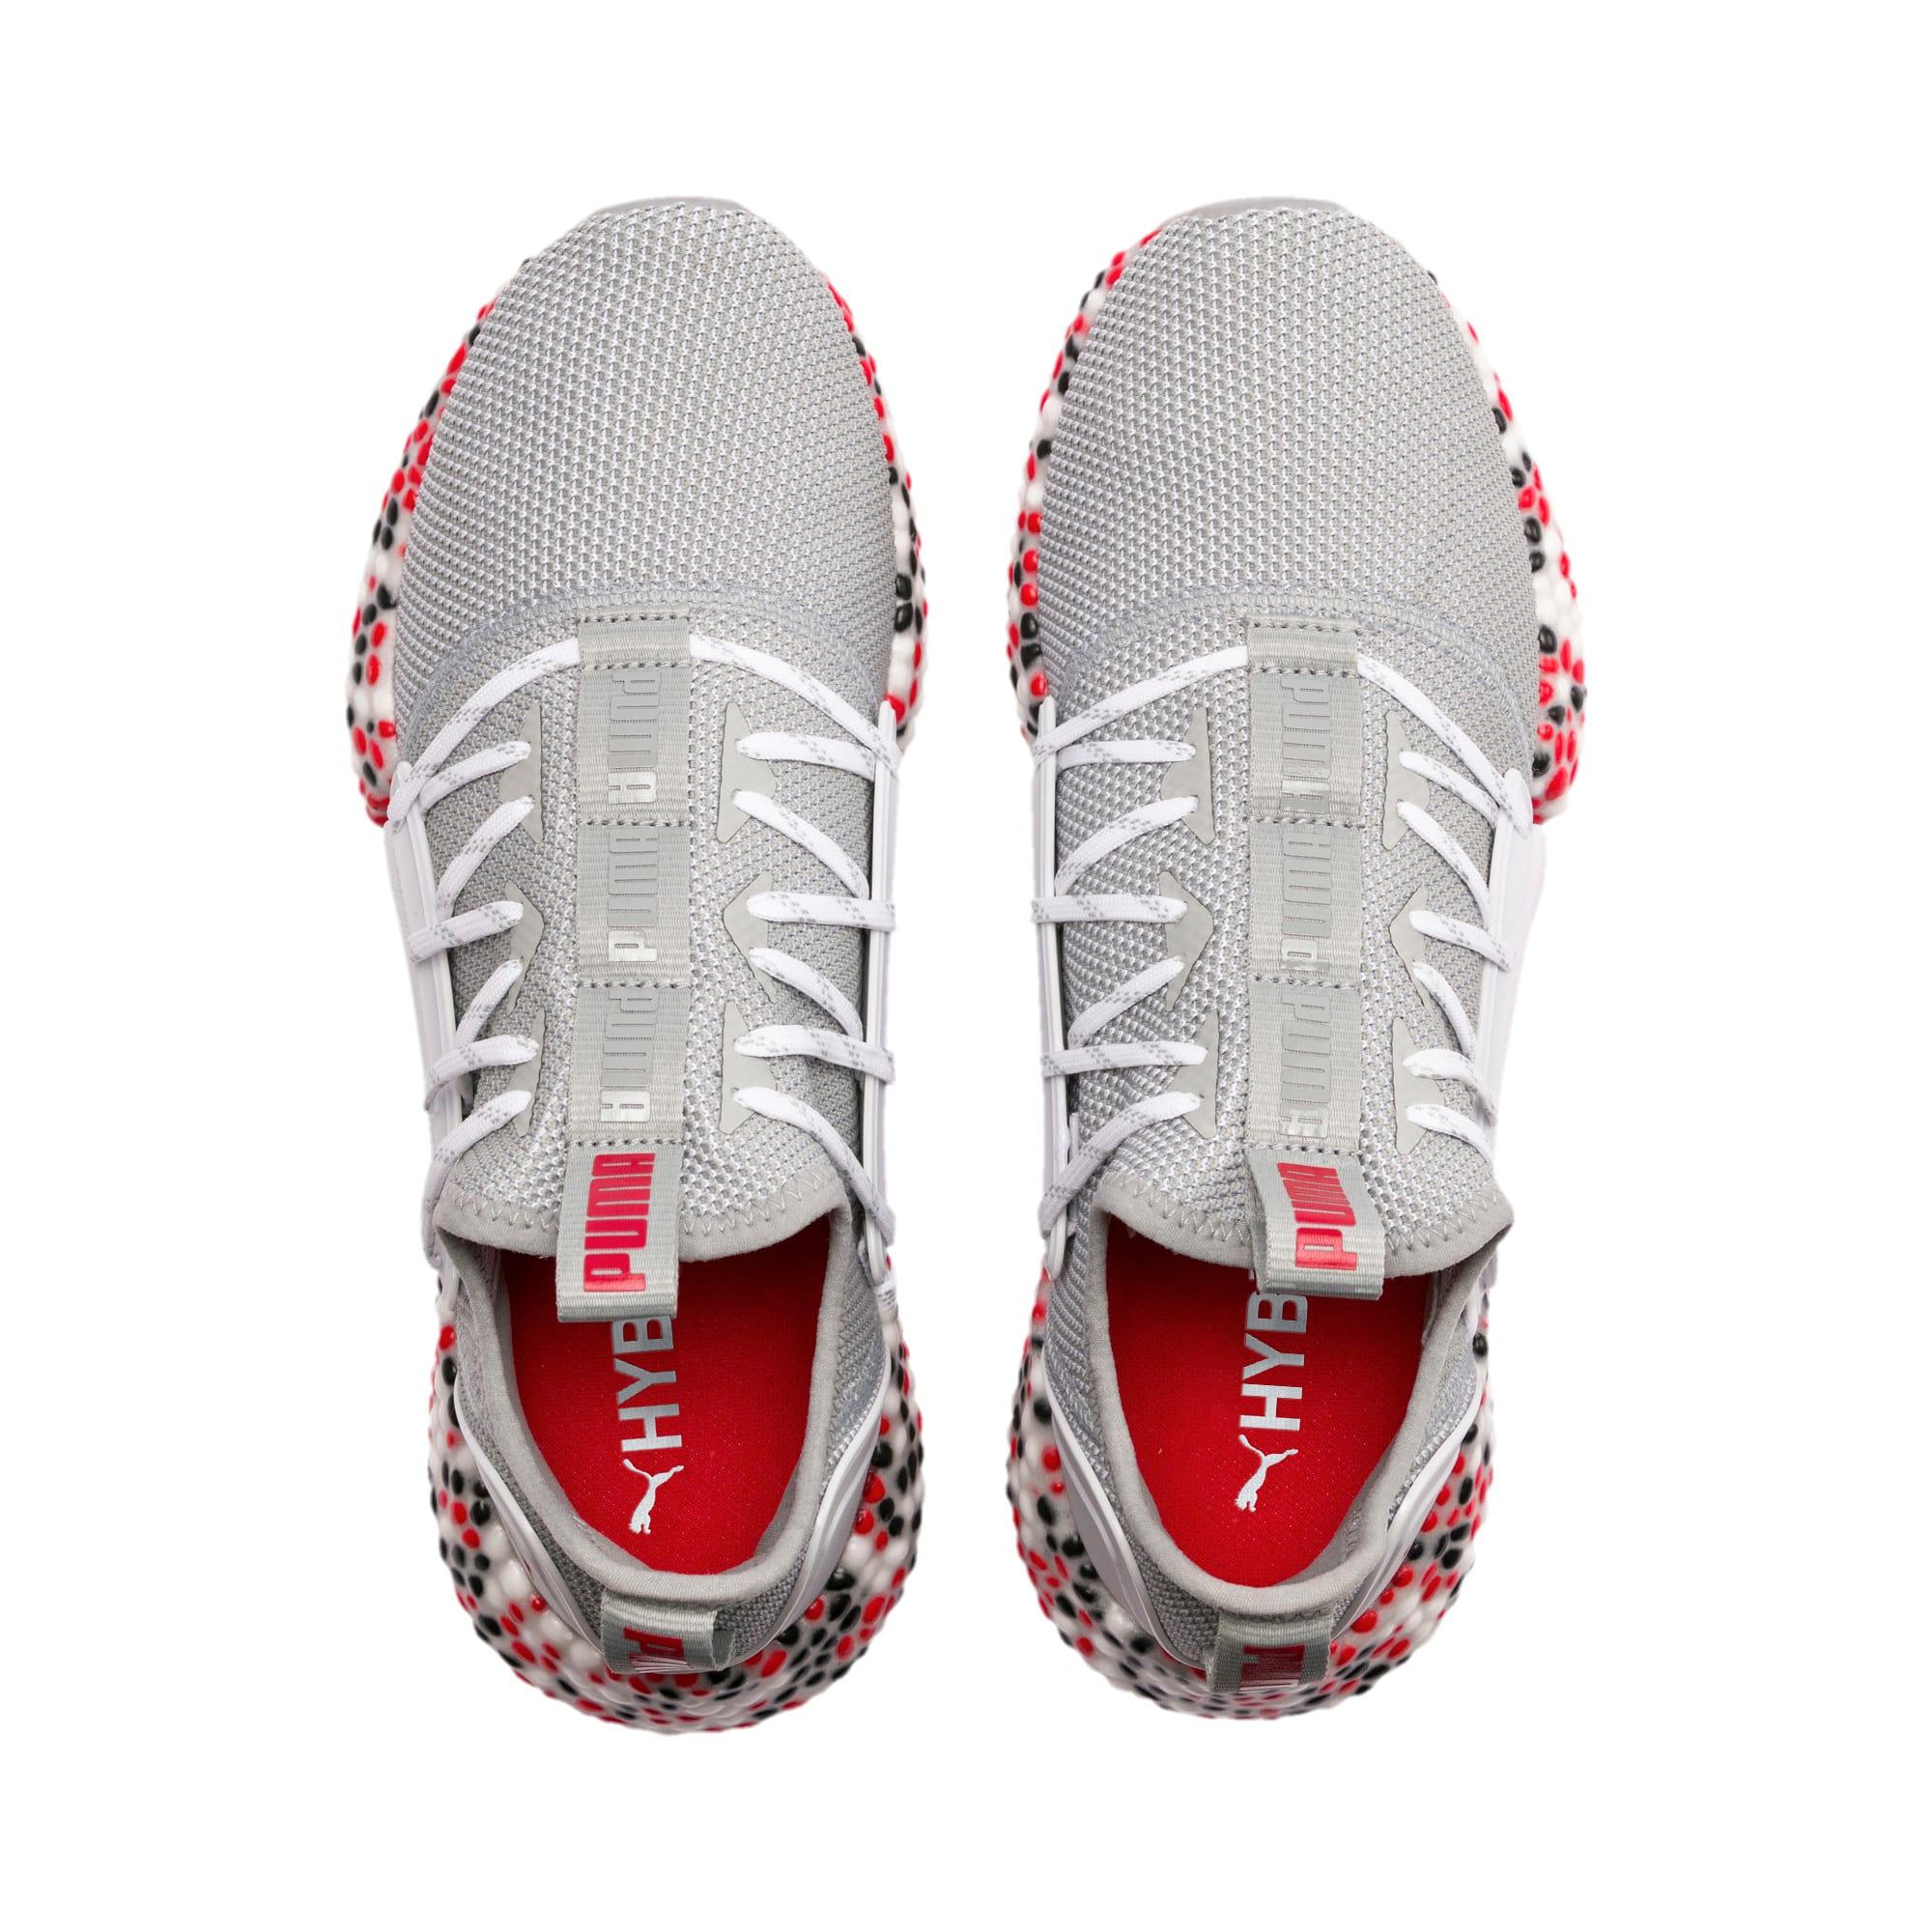 Thumbnail 7 of HYBRID Rocket Runner Men's Running Shoes, Quarry-High Risk Red-Black, medium